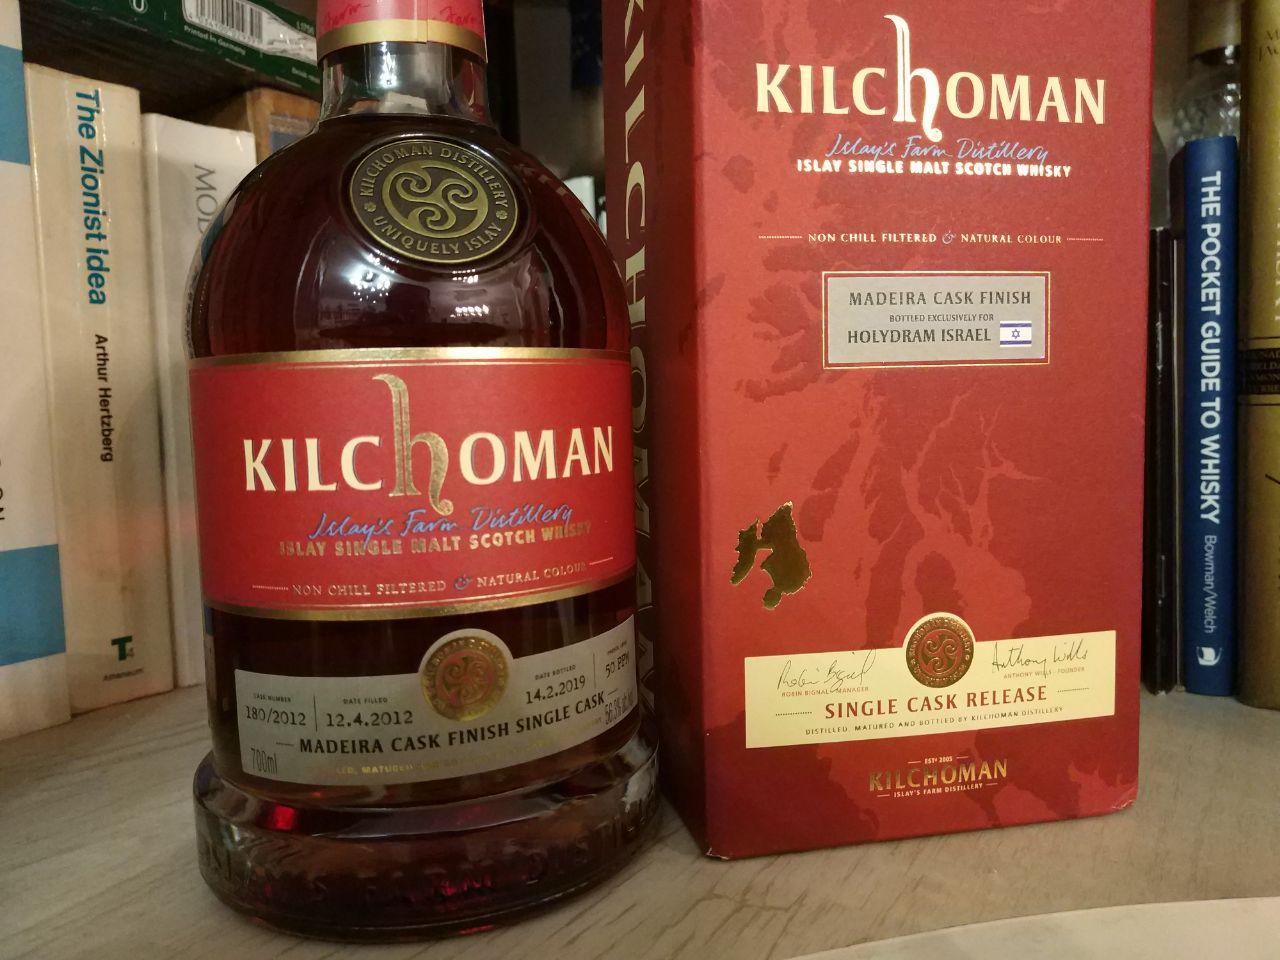 Bottle of Kilchoman Madeira Cask bottled for HOLY DRAM ISRAEL